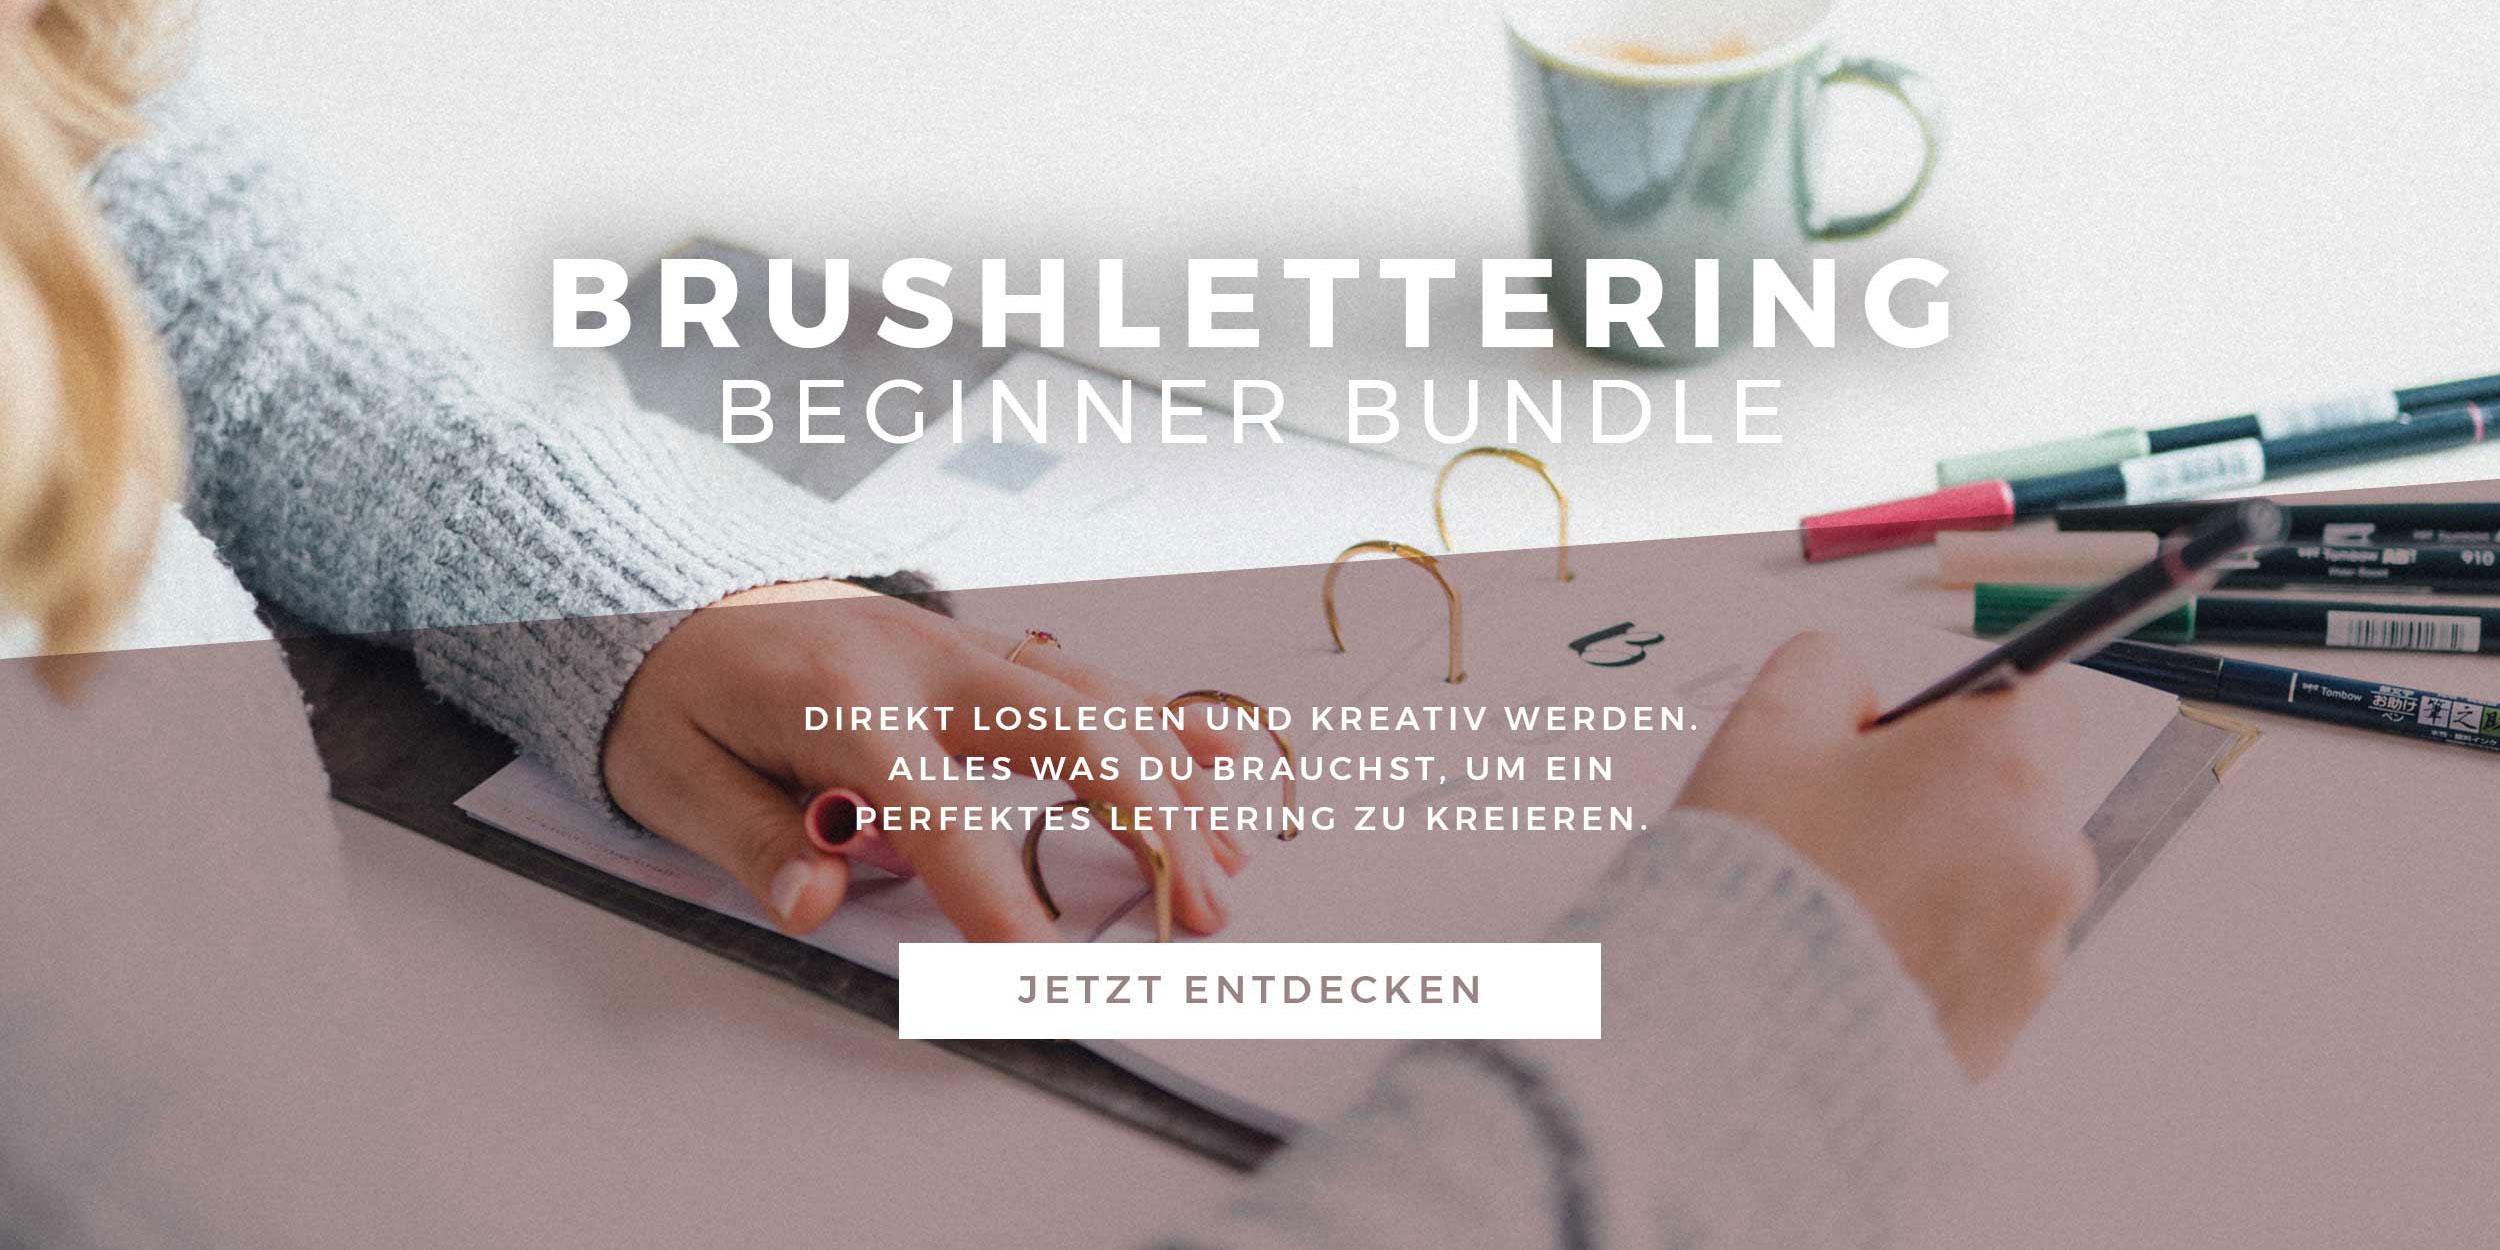 Brushlettering Beginner Bundle Slider